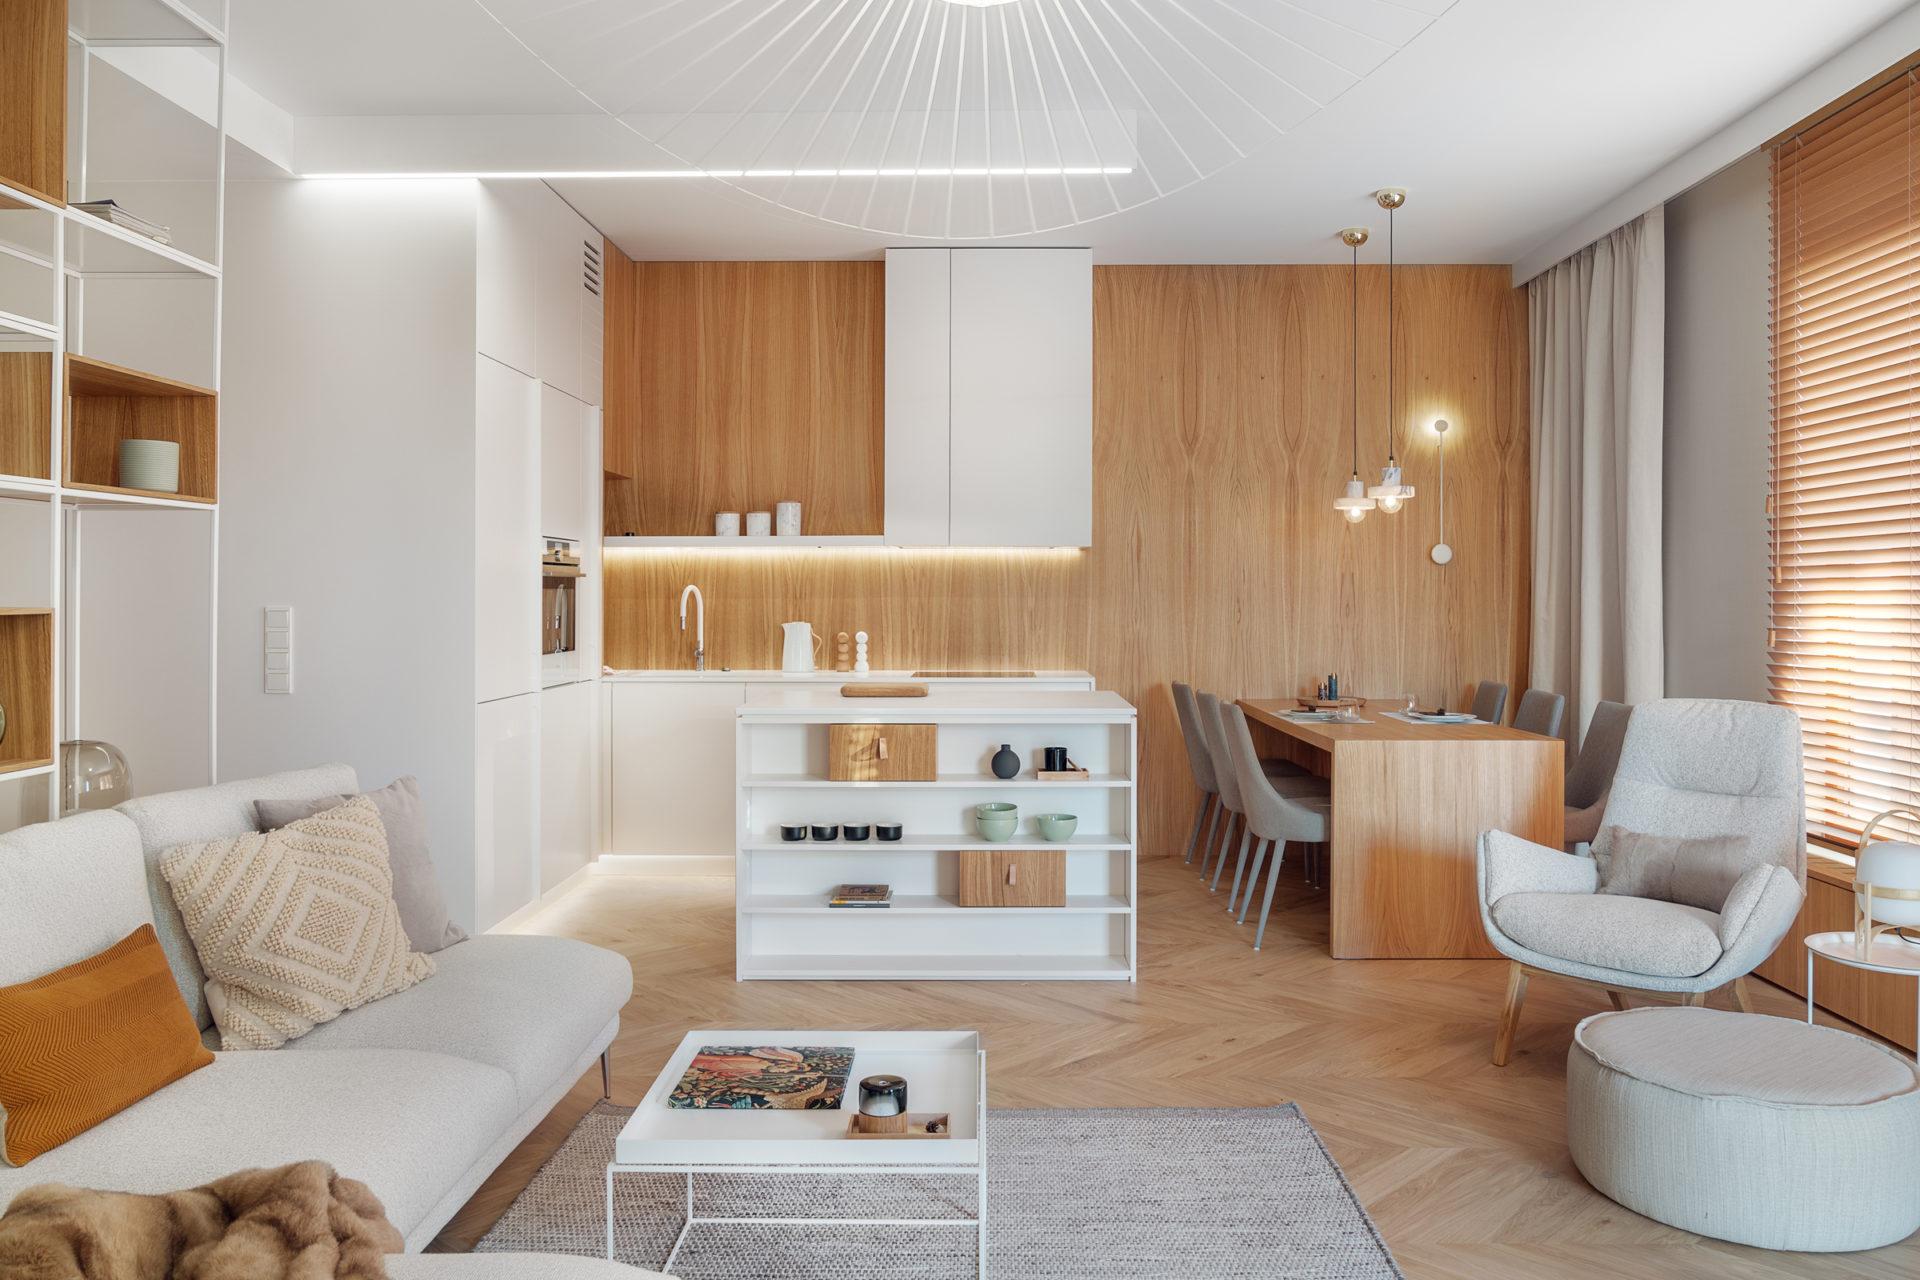 Apartament w Gdyni 2017 - 02